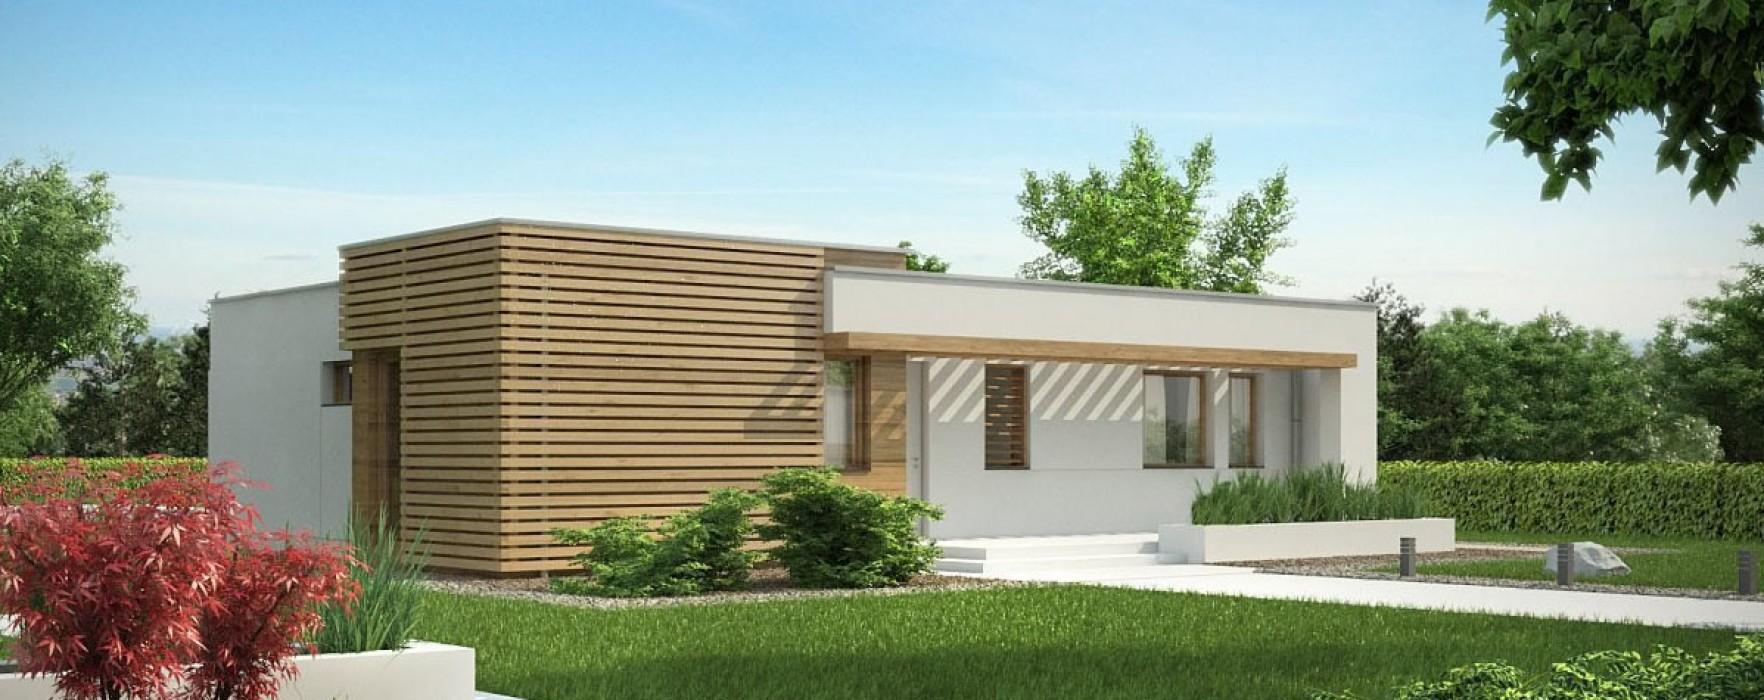 Costruzioni in bioedilizia e fasce di rispetto for Case di legno confronta prezzi